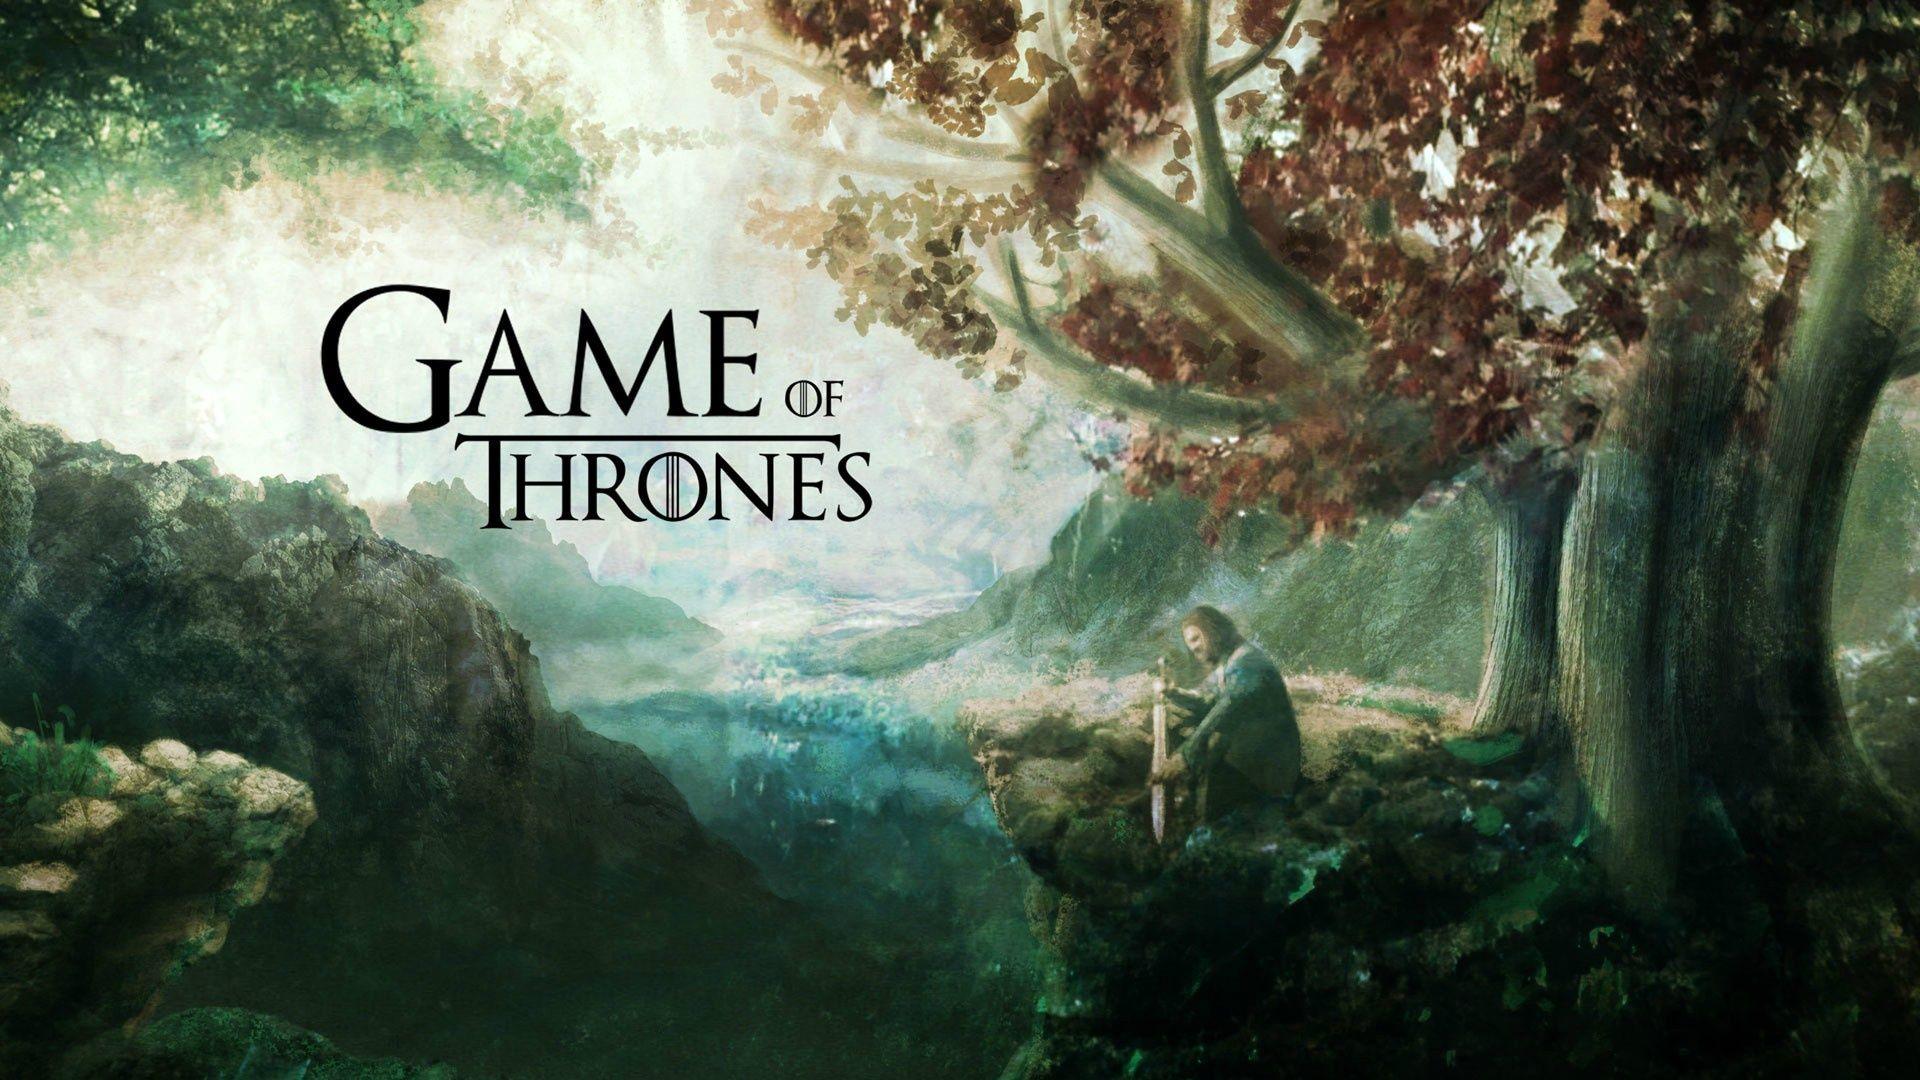 Game Of Thrones Tv Seriesgame Of Thrones Tv Series Free Computer Desktop Hd Wallpapers Pictur Game Of Thrones Poster Game Of Thrones Tv Watch Game Of Thrones